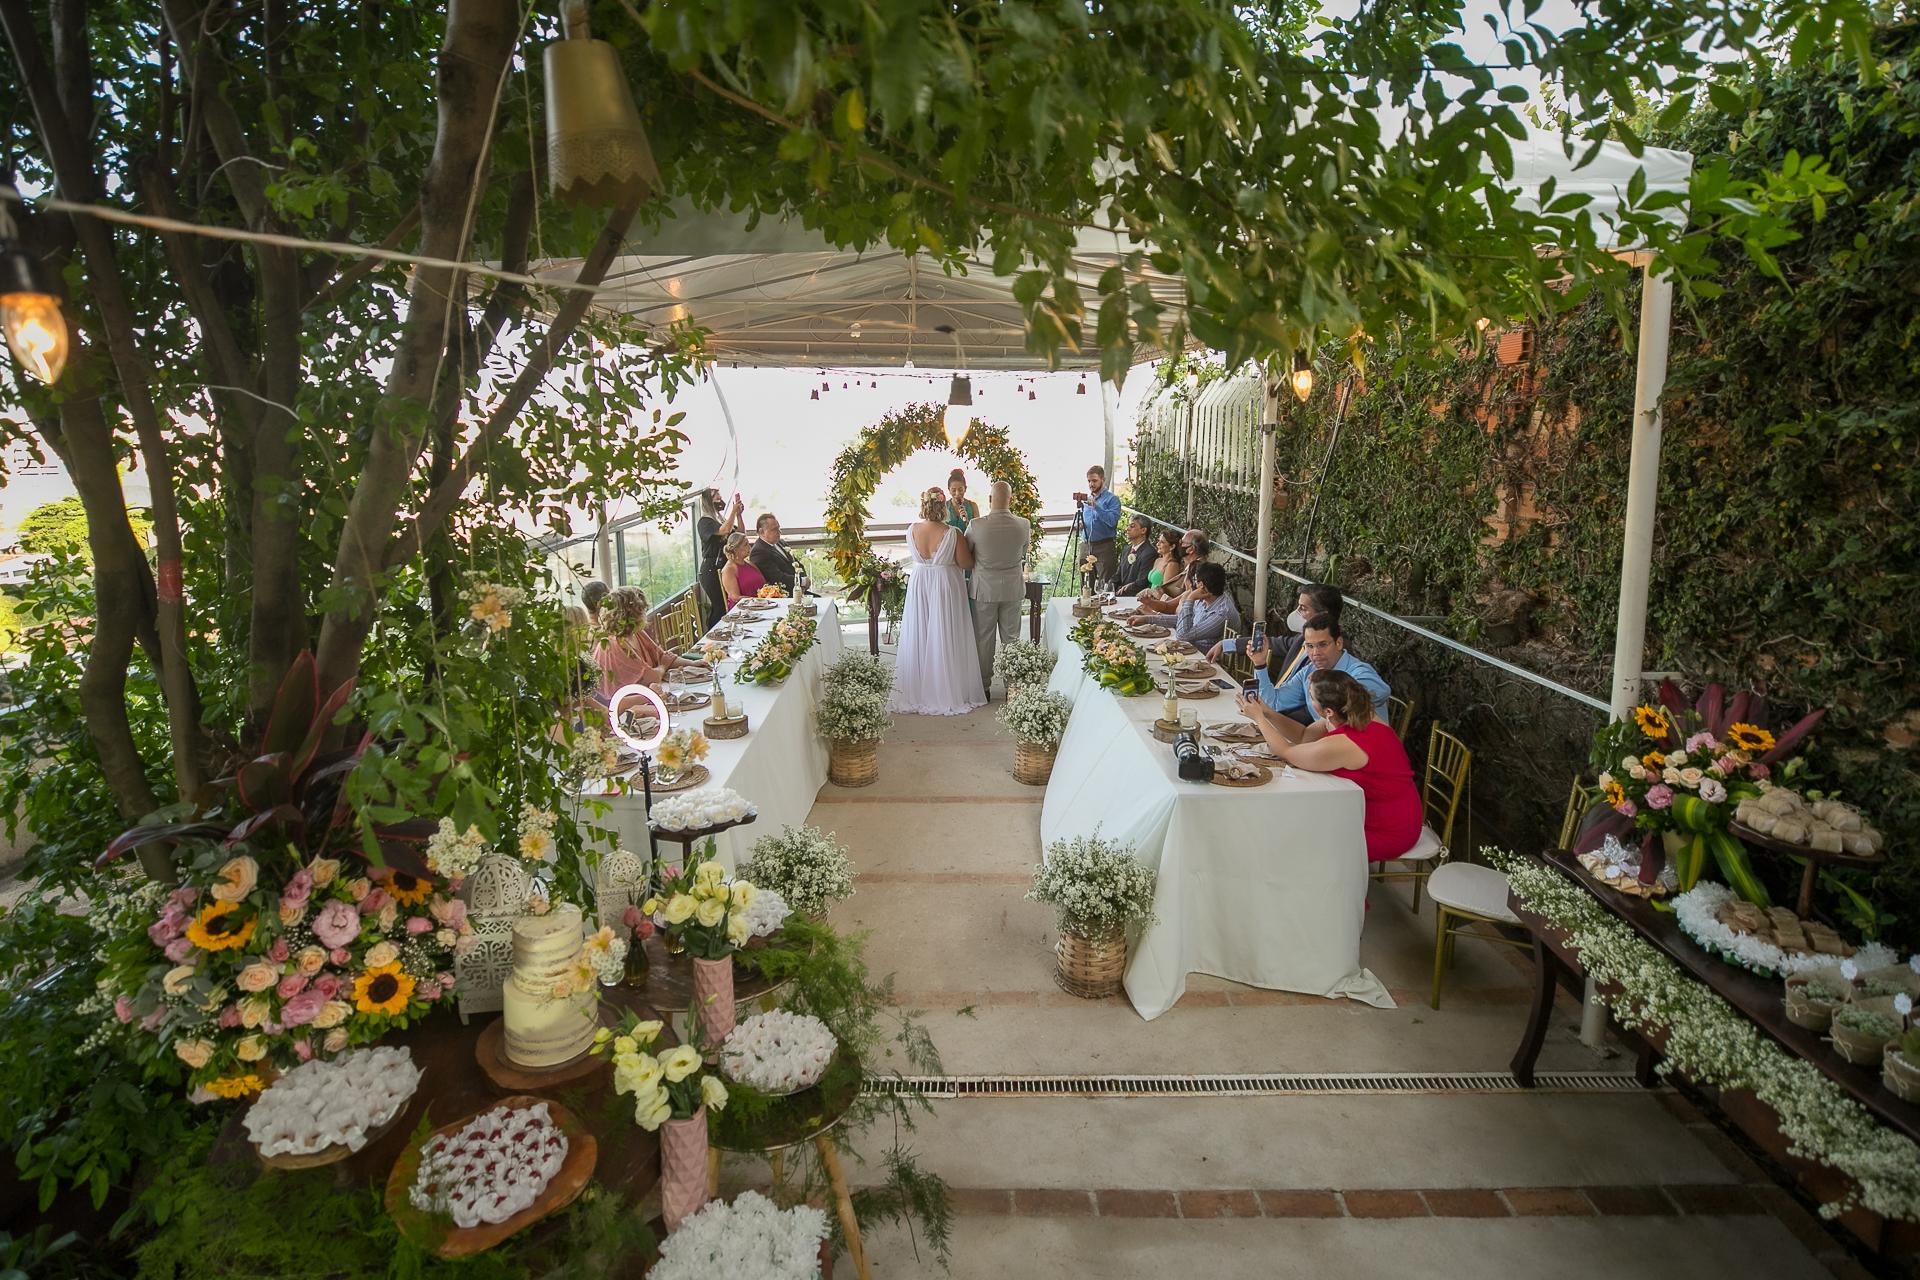 Photographie de mariage au Brésil | La cérémonie intime et la réception